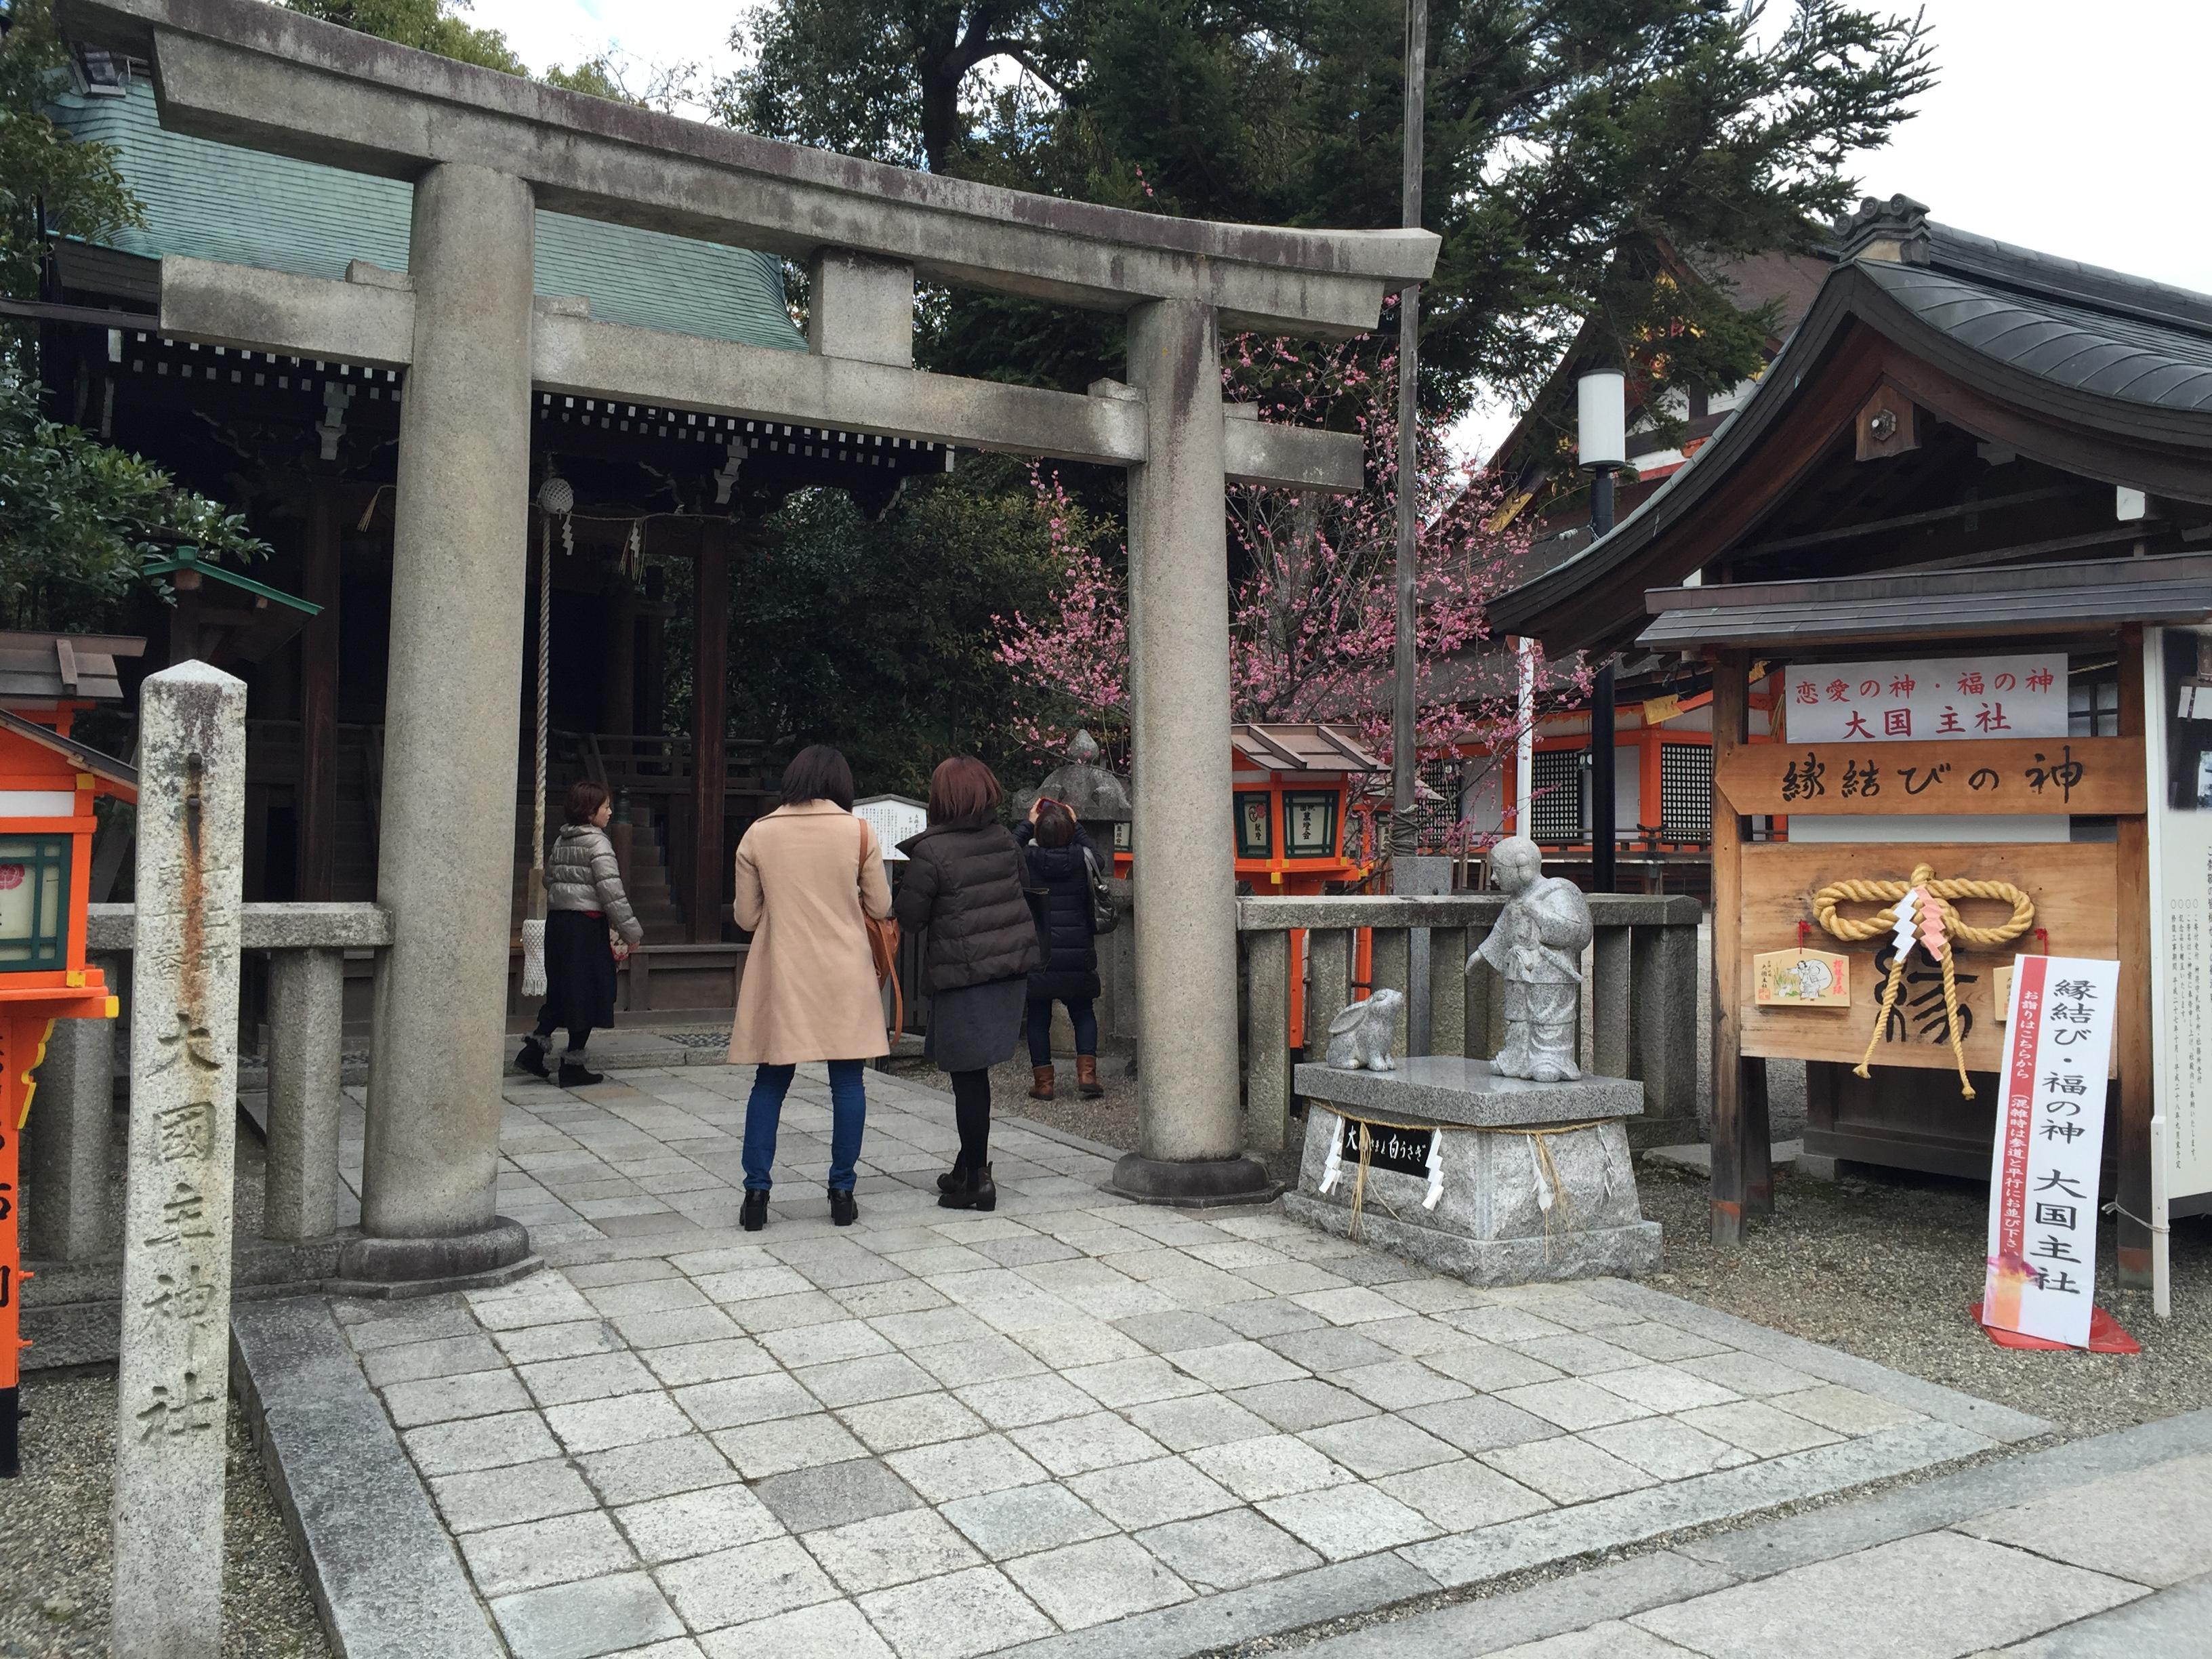 神社 宇都宮 八坂